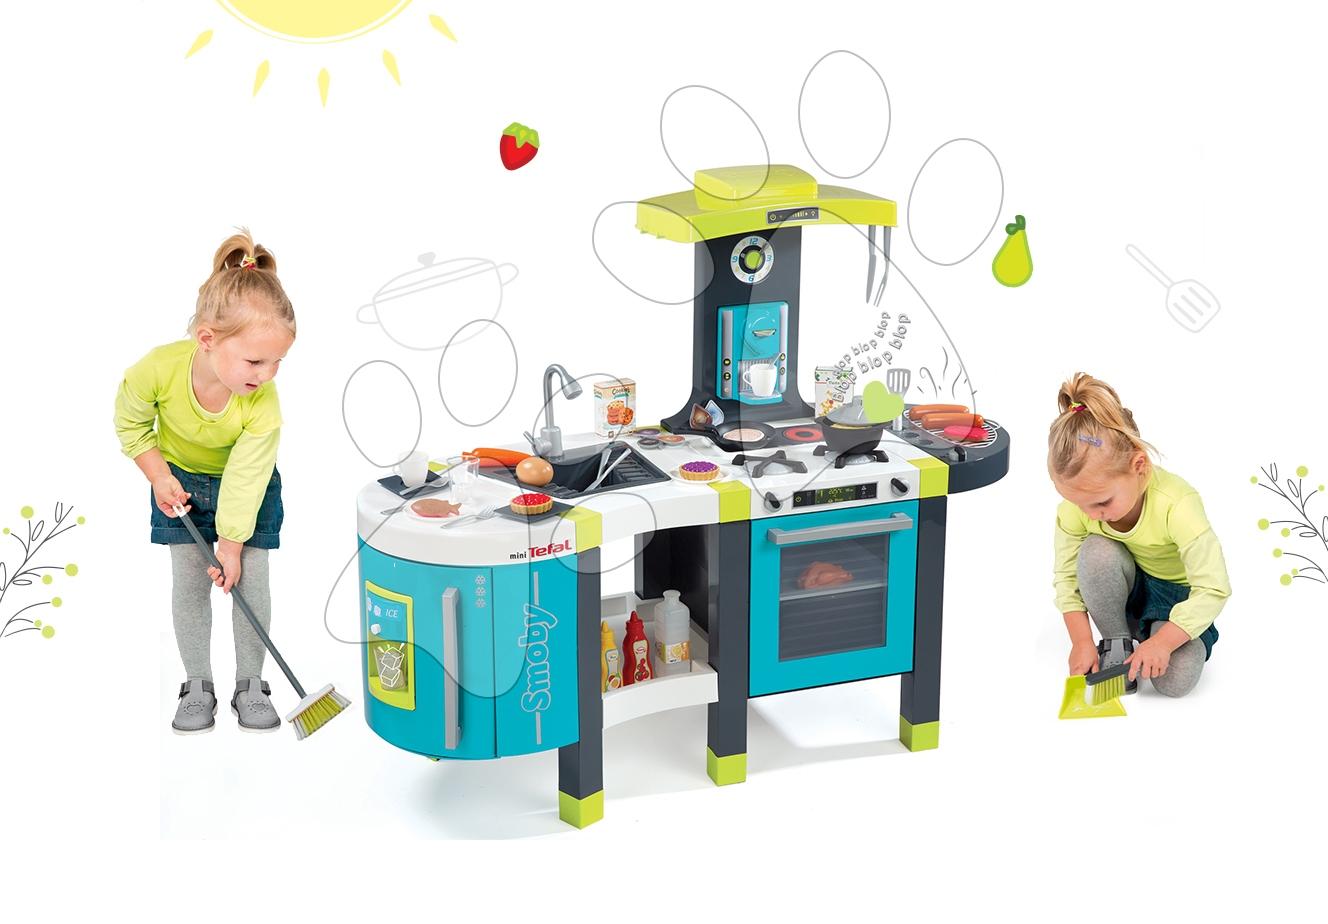 dokazati angleško Set kuchynka pre deti Tefal French Touch Smoby s ľadom a  kávovarom a upratovacie pomôcky 3v1